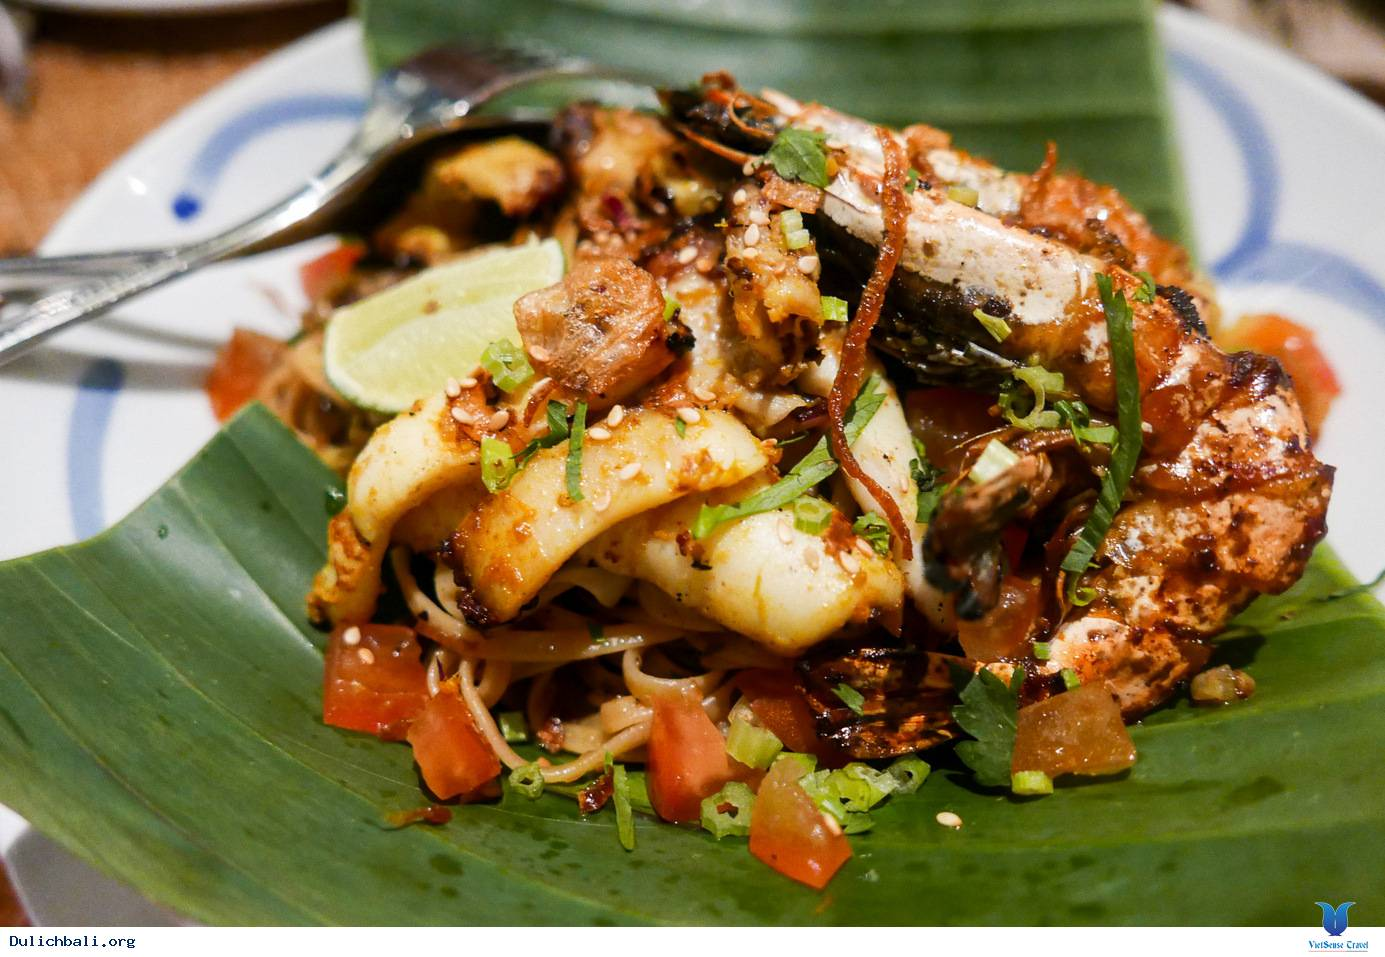 Những món ăn được yêu thích nhất ở đảo Bali, Indonesia,nhung mon an duoc yeu thich nhat o dao bali indonesia